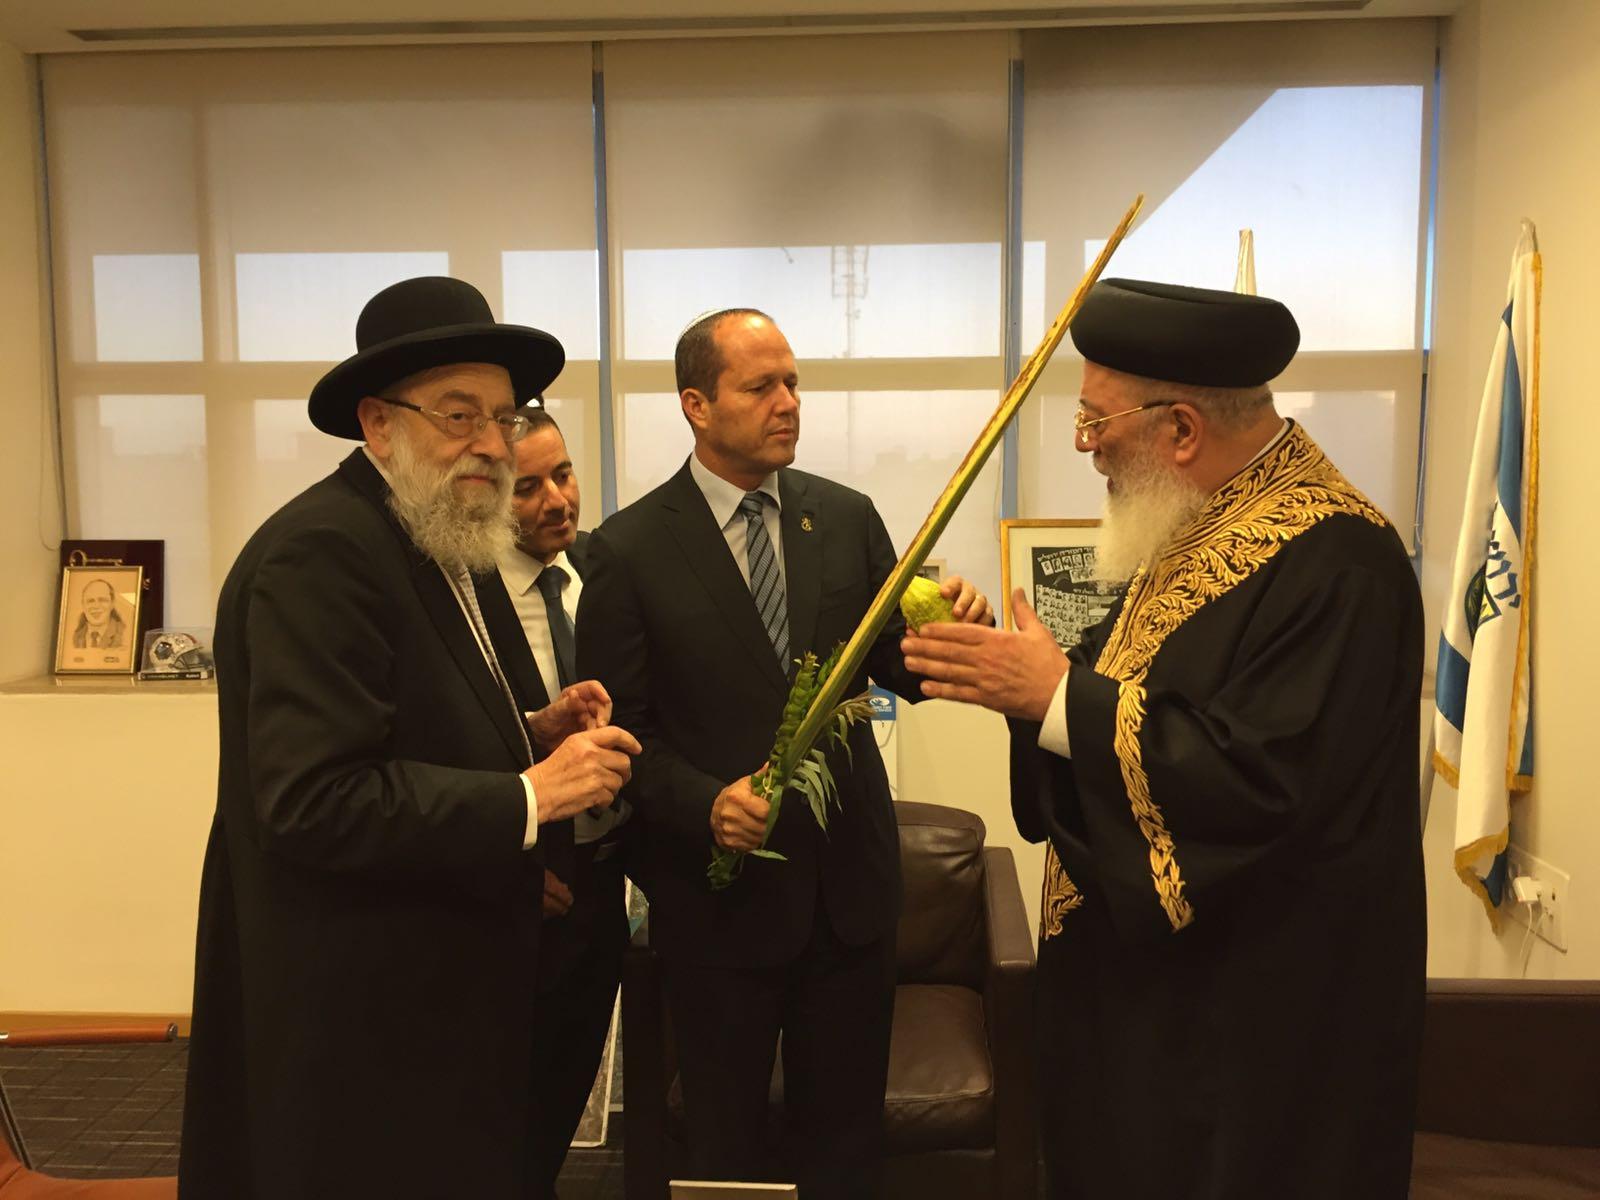 הרבנים הראשיים לירושלים מסרו את ארבעת המינים לראש העיר ירושלים ניר ברקת